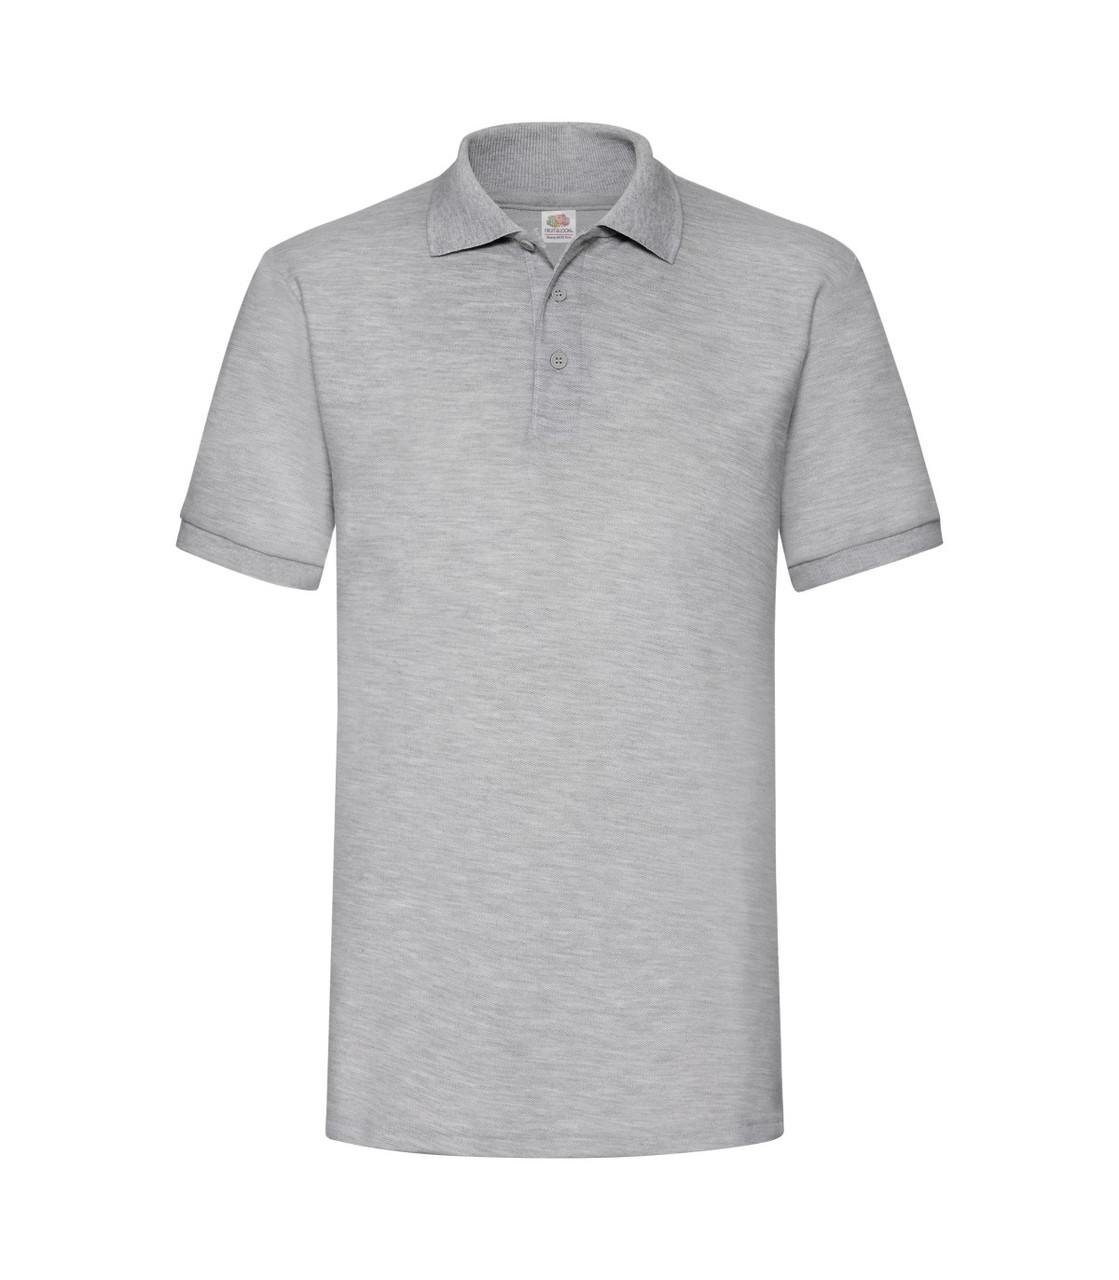 Мужская футболка поло плотная светло-серая 204-94